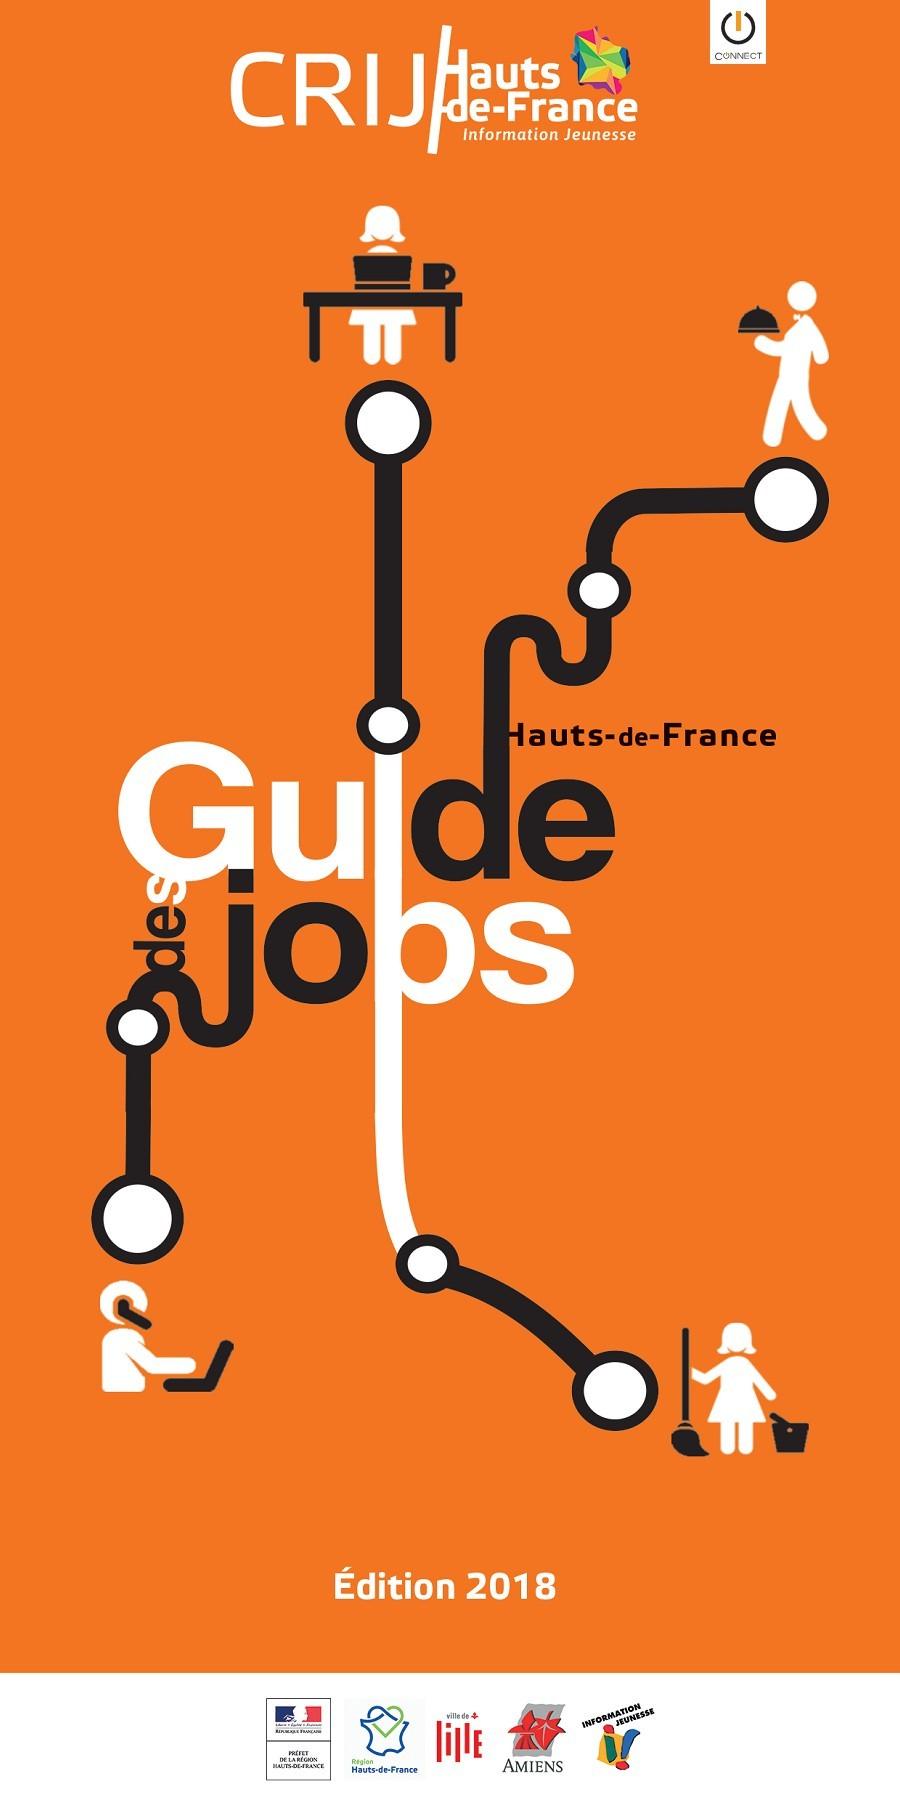 E Leclerc Livraison Unique Guide Job Hdf 2018 Pages 1 48 Text Version Of 28 Beau E Leclerc Livraison